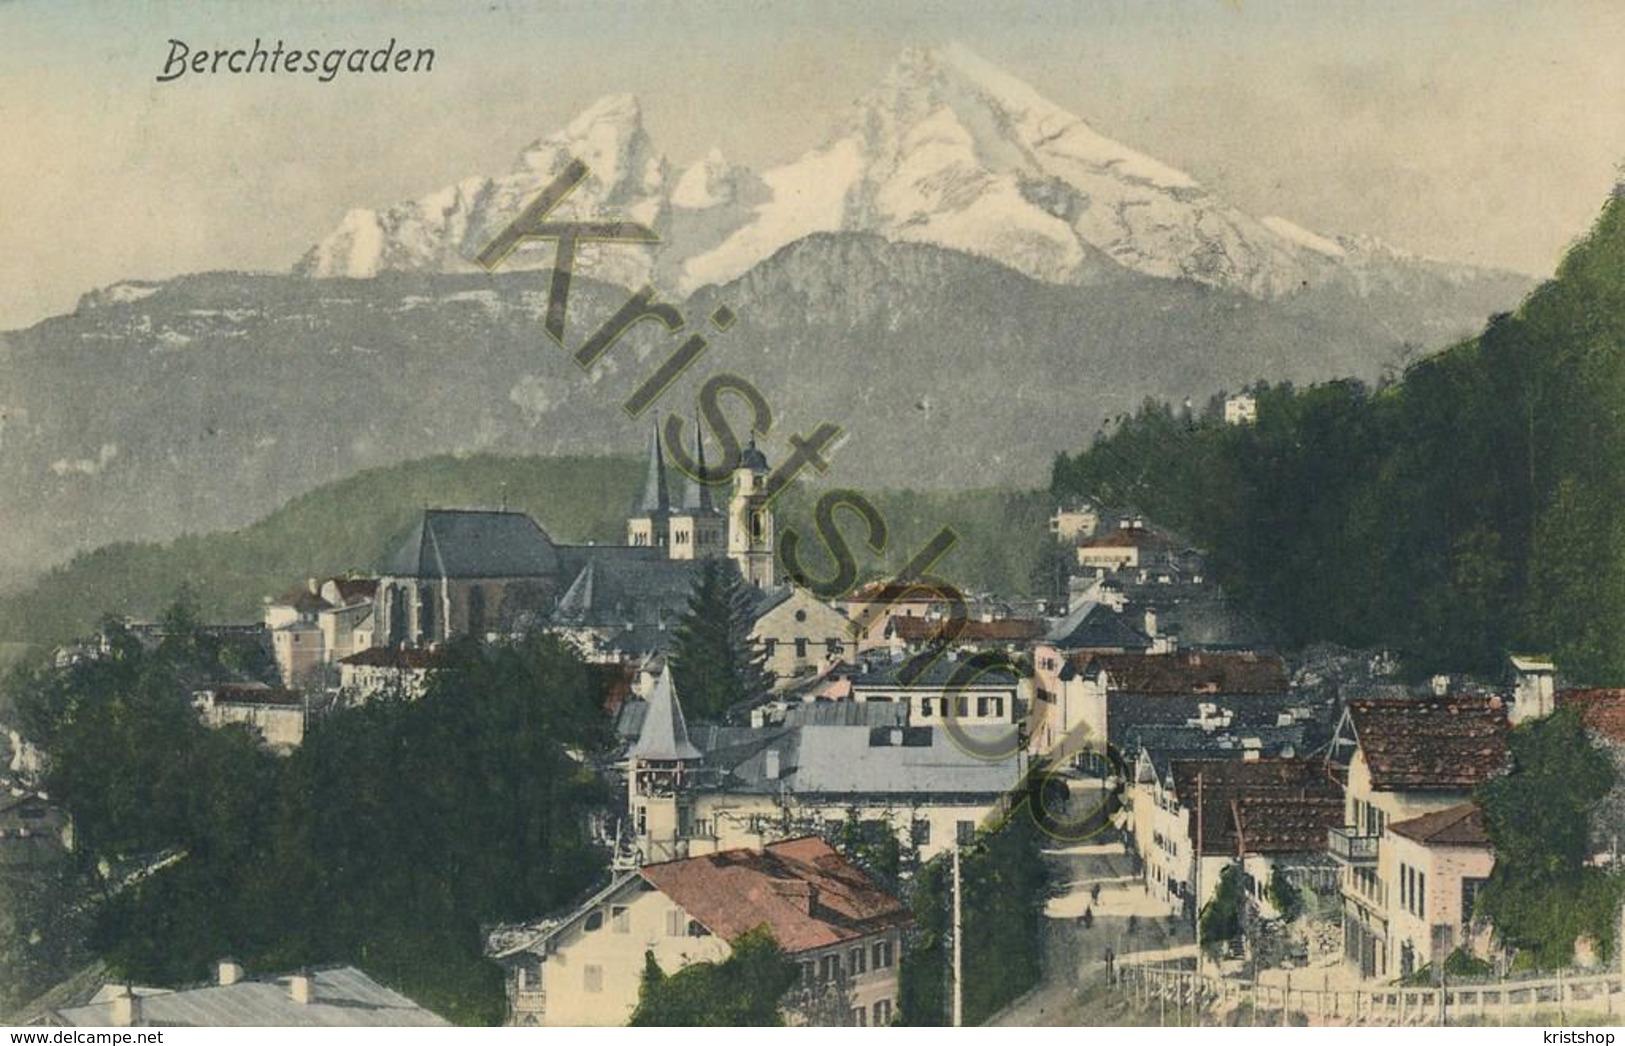 Berchtesgaden  [B684 - Berchtesgaden